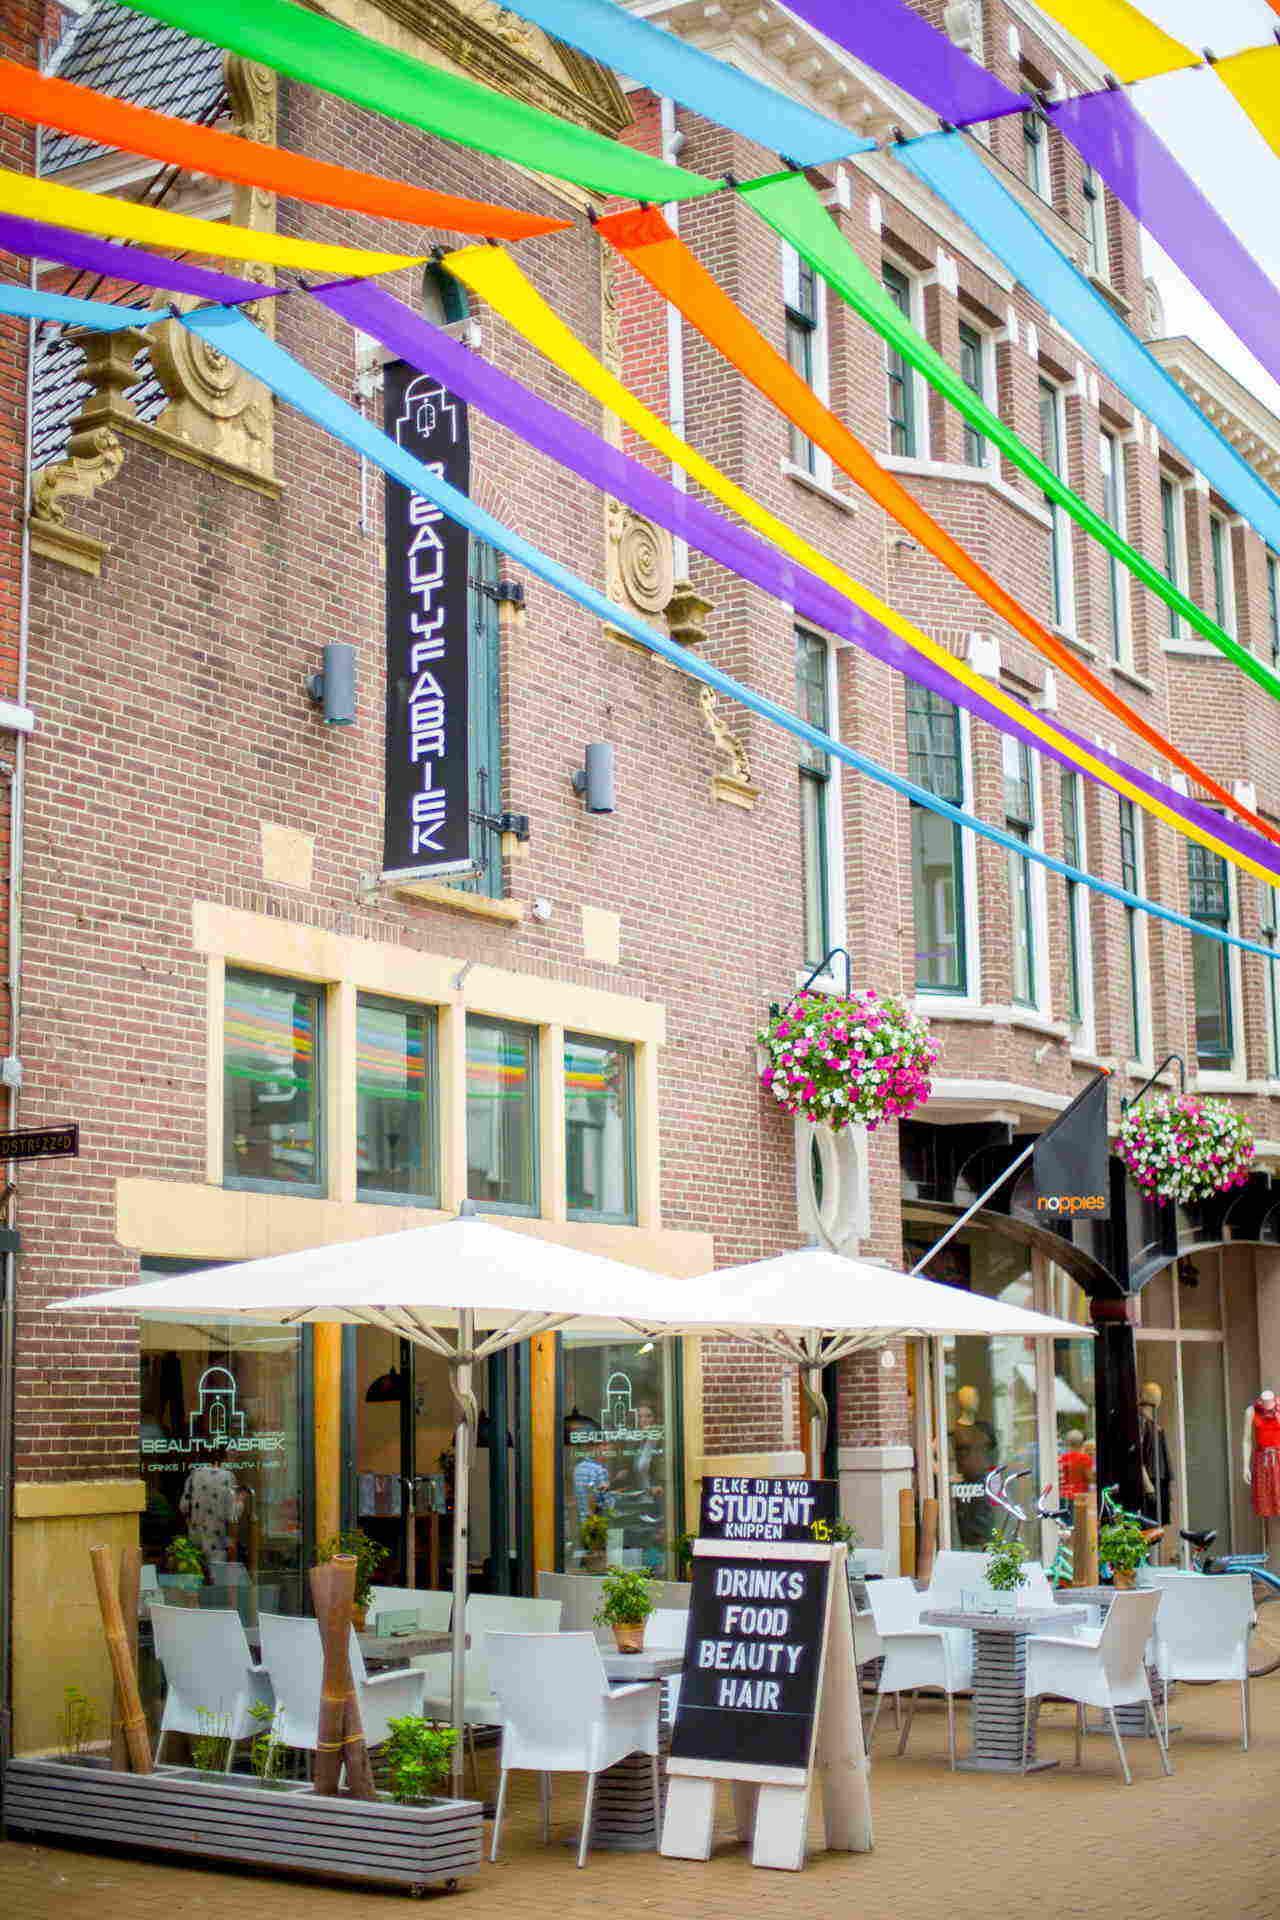 BeautyfabrieQ Groningen Kapper